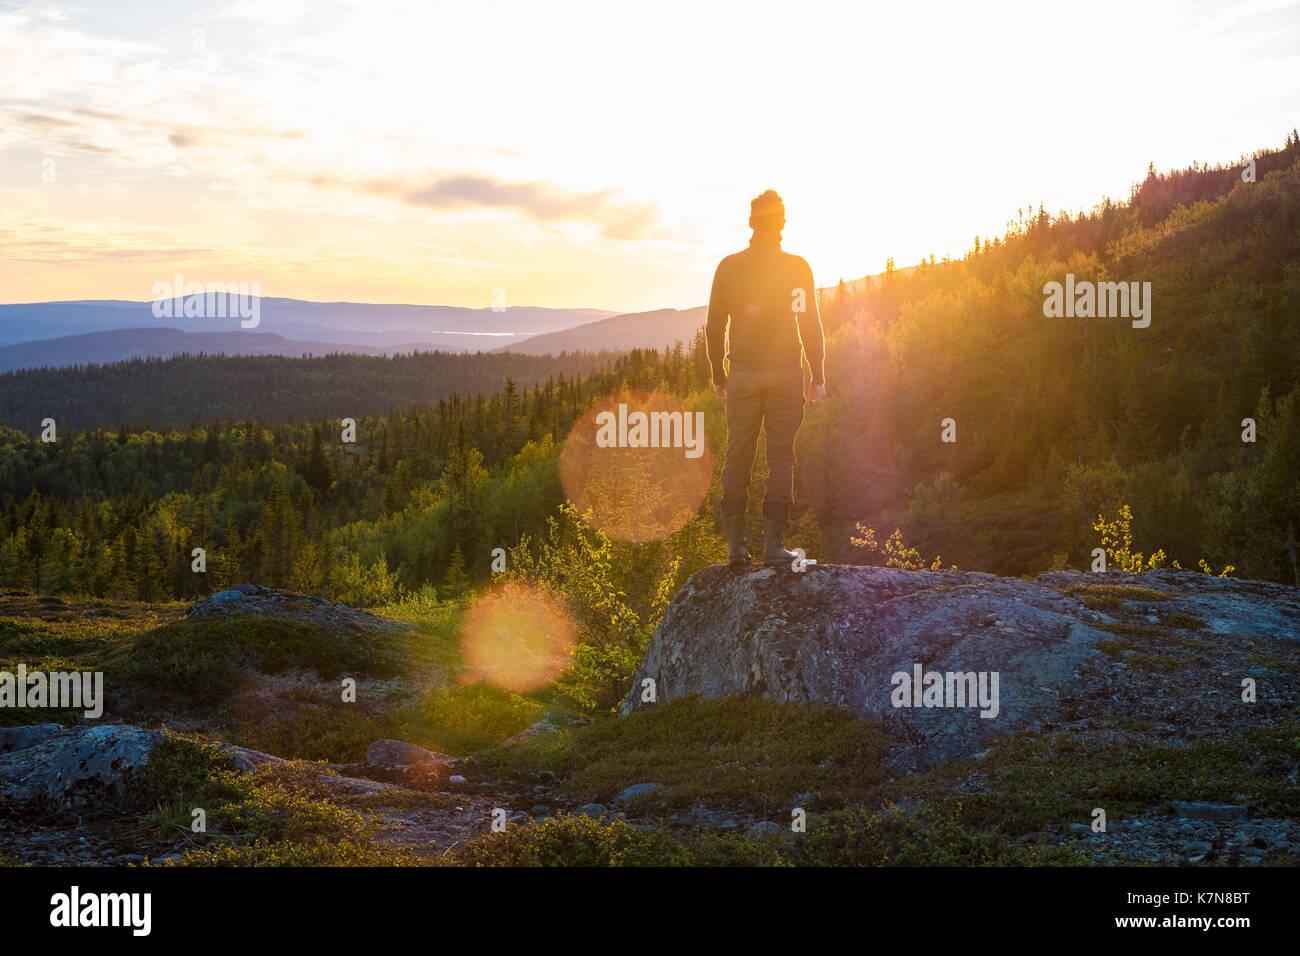 Joven parado sobre piedra grande mirando a la puesta de sol en medio de paisajes Imagen De Stock